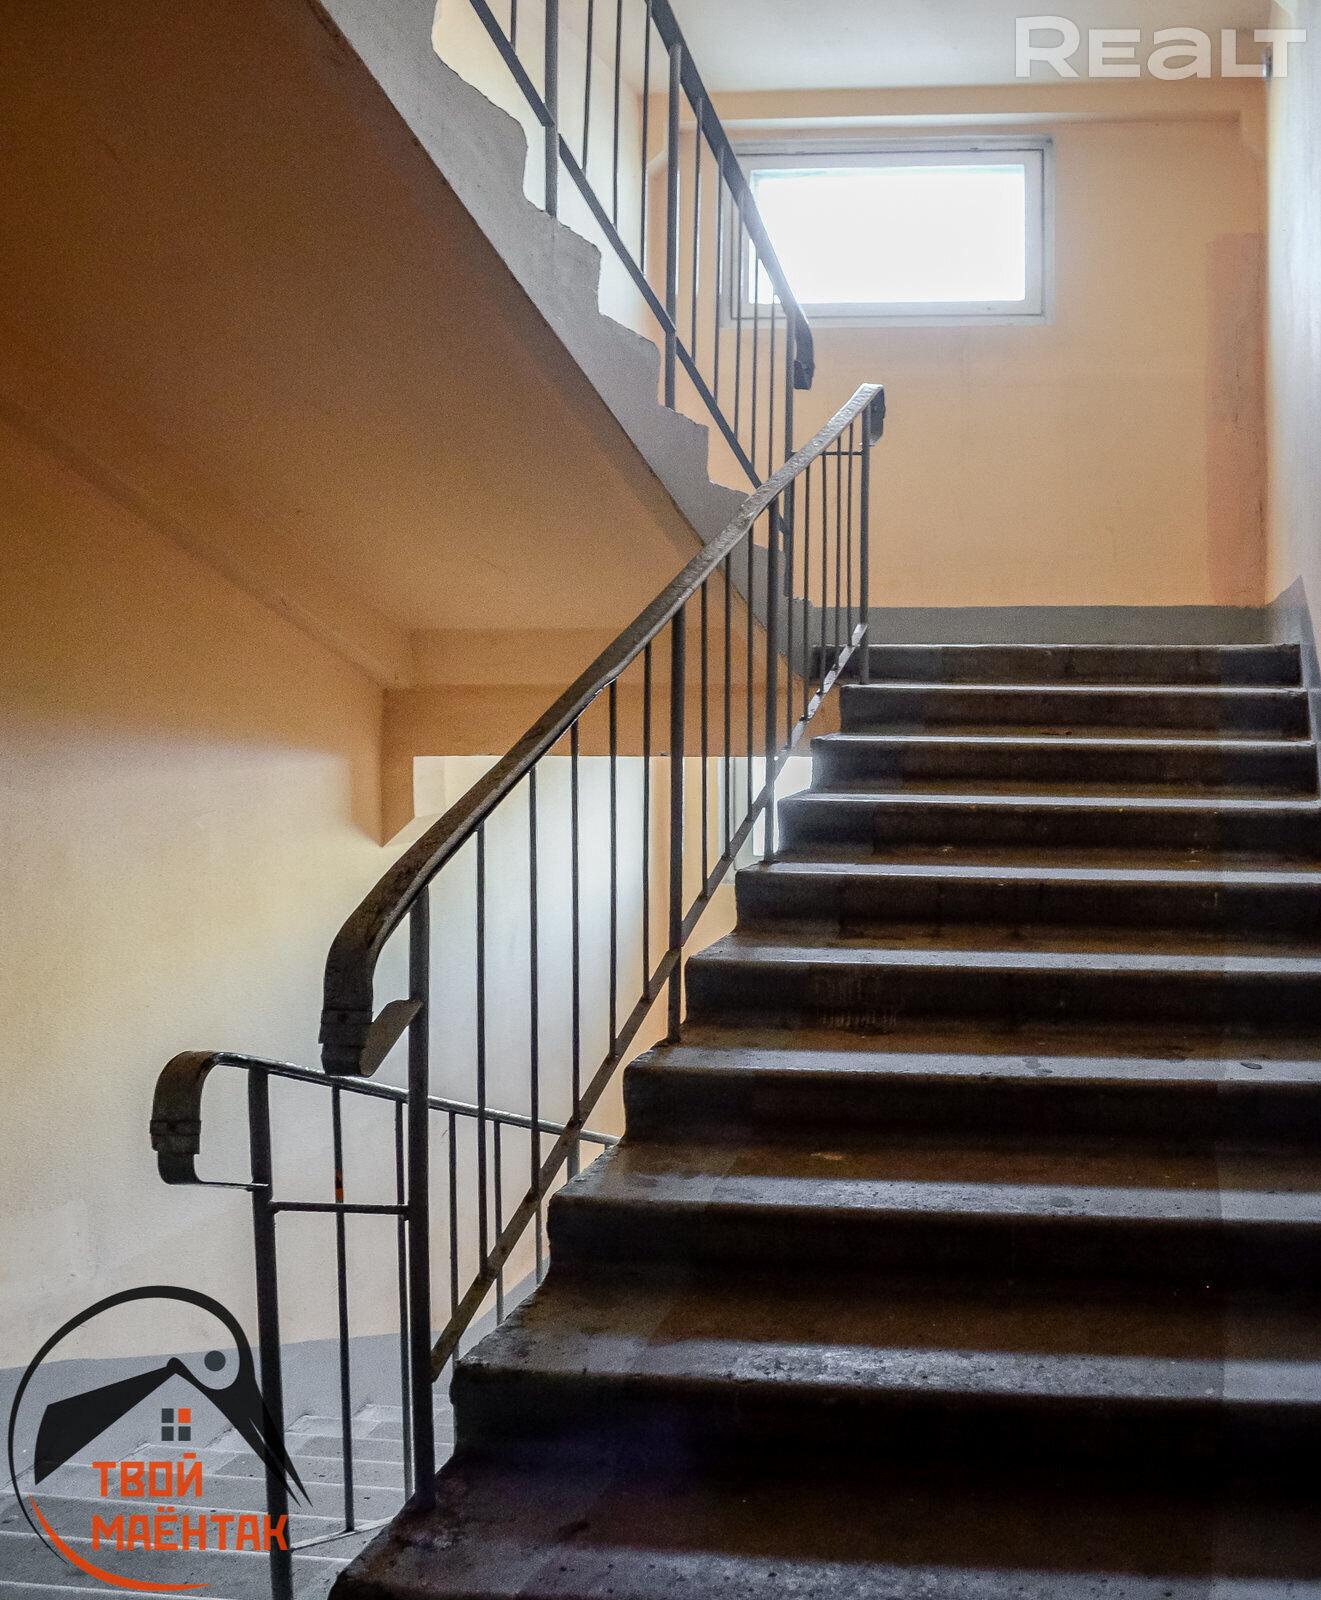 Продается 1 комнатная квартира, ул. Лучины д.46 - фото №18